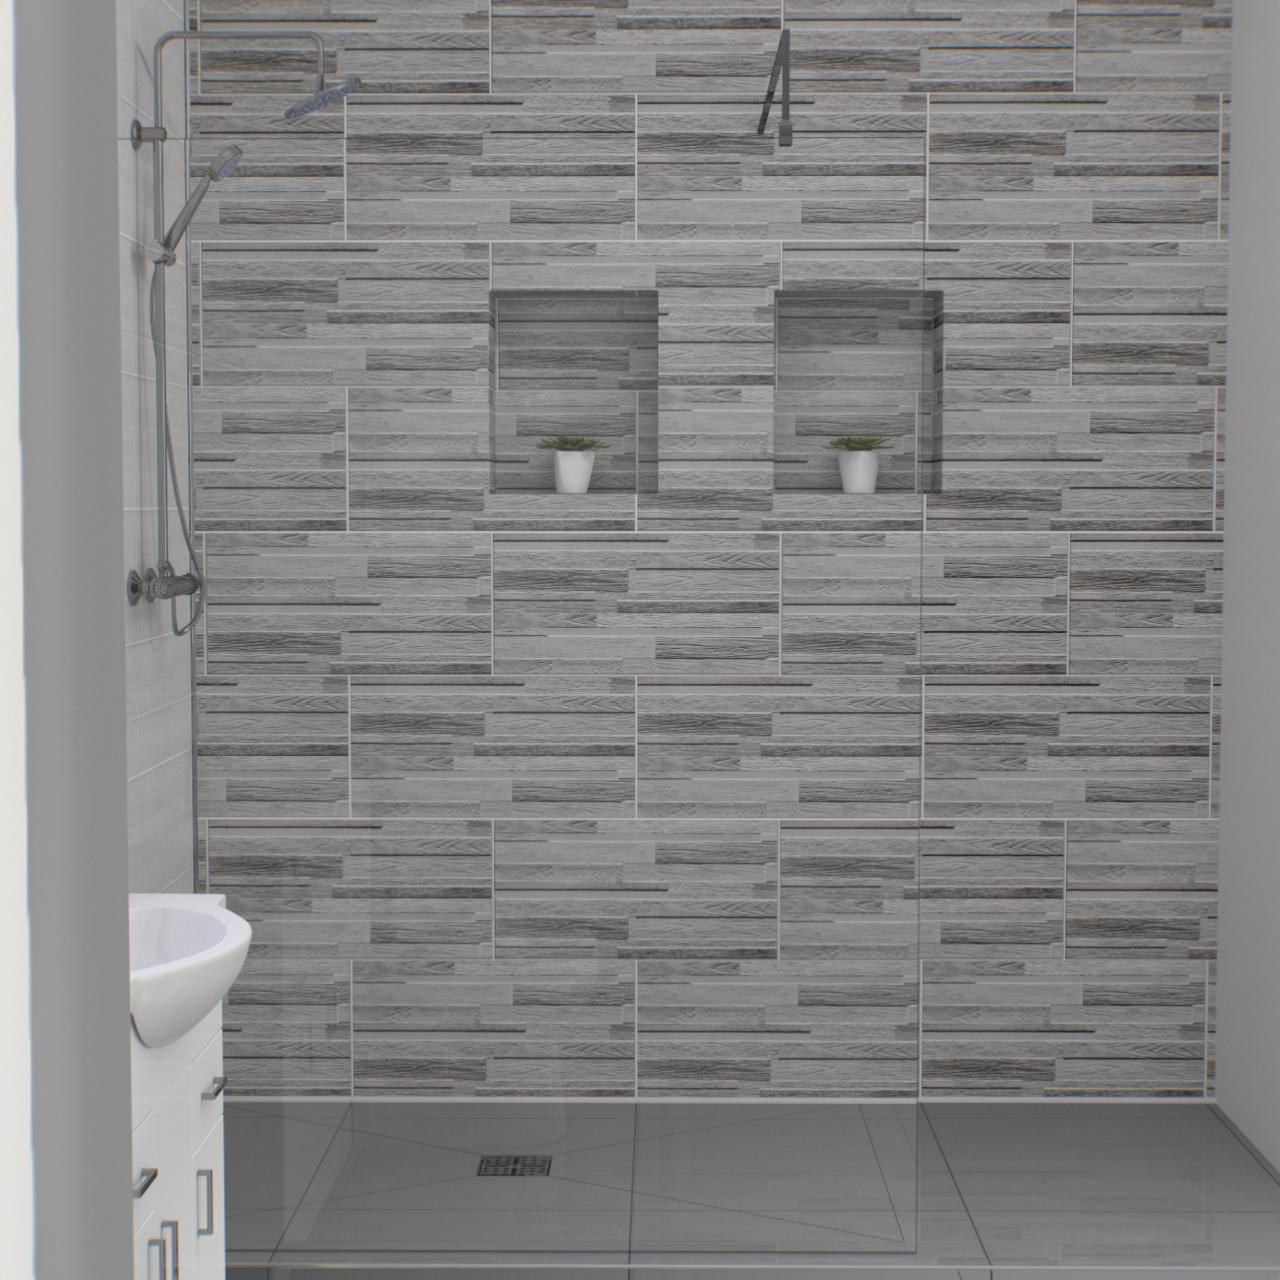 Wood Maina Grey 30cm X 60cm Porcelain Tile In 2020 Porcelain